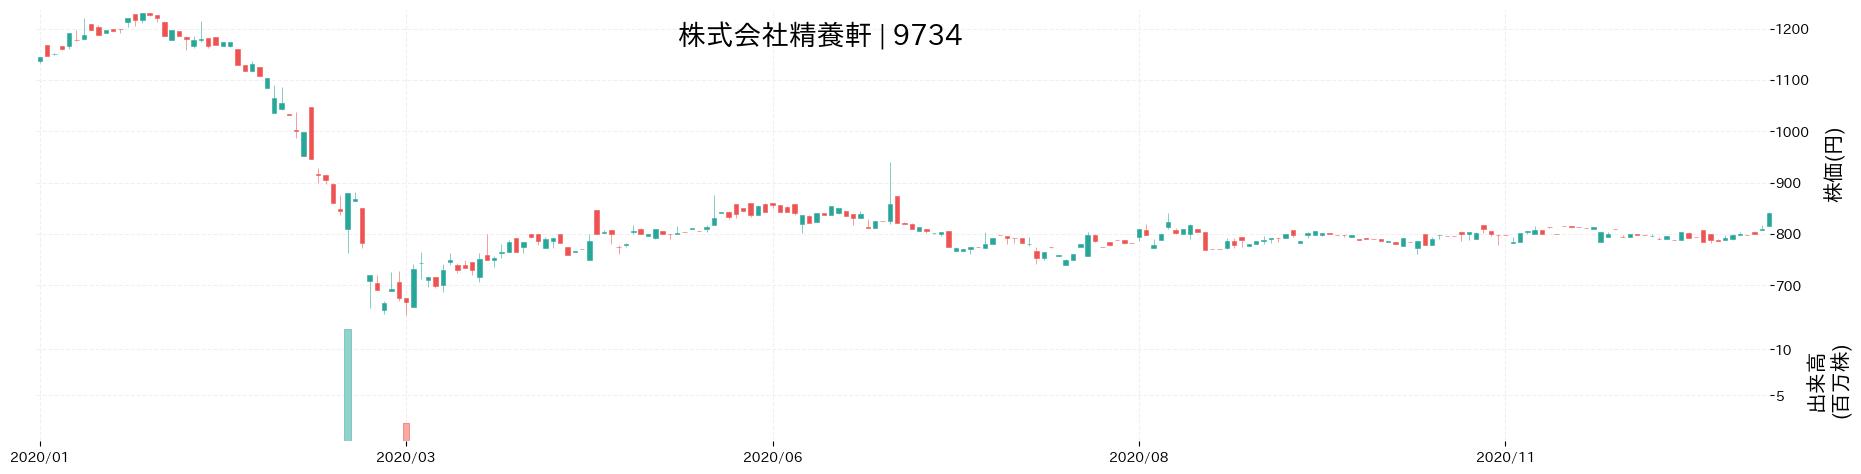 株式会社精養軒の株価推移(2020)